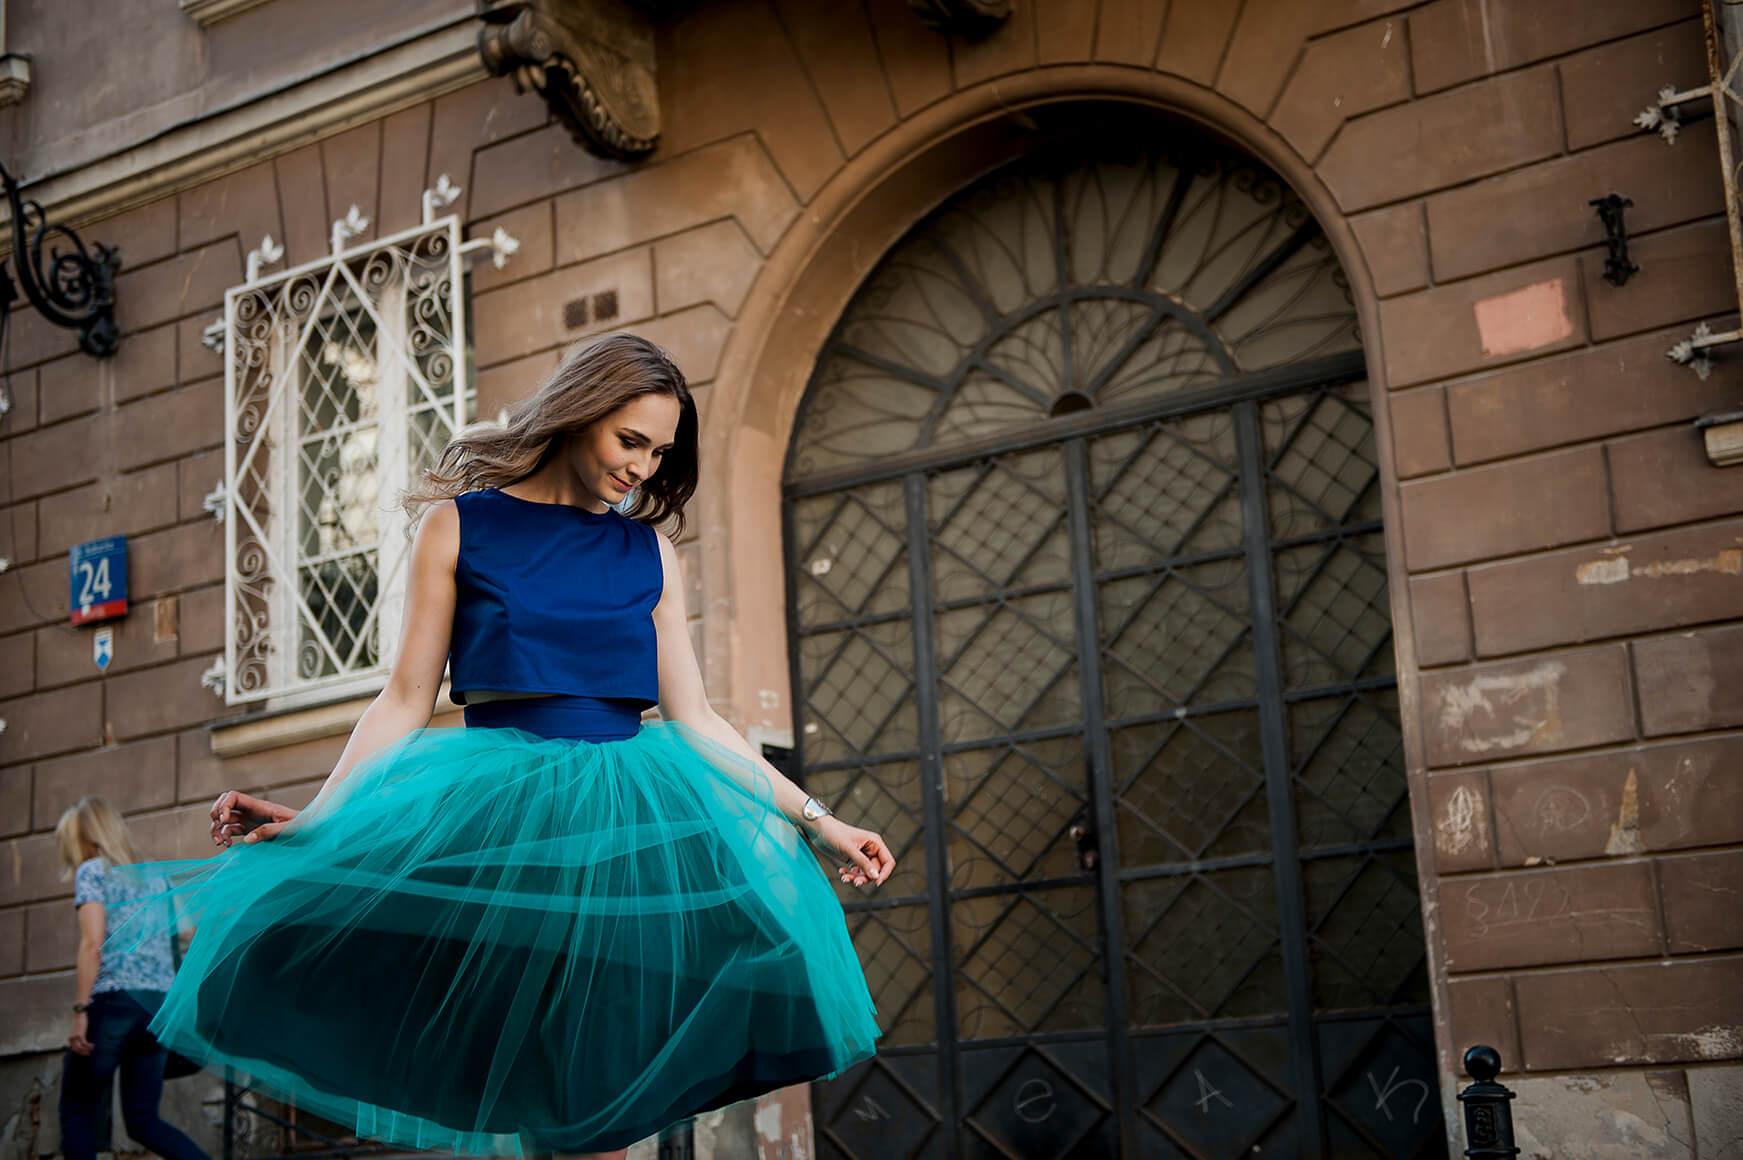 Jak prać i prasować tiul - jak dbać o spódnicę tiulową? 1